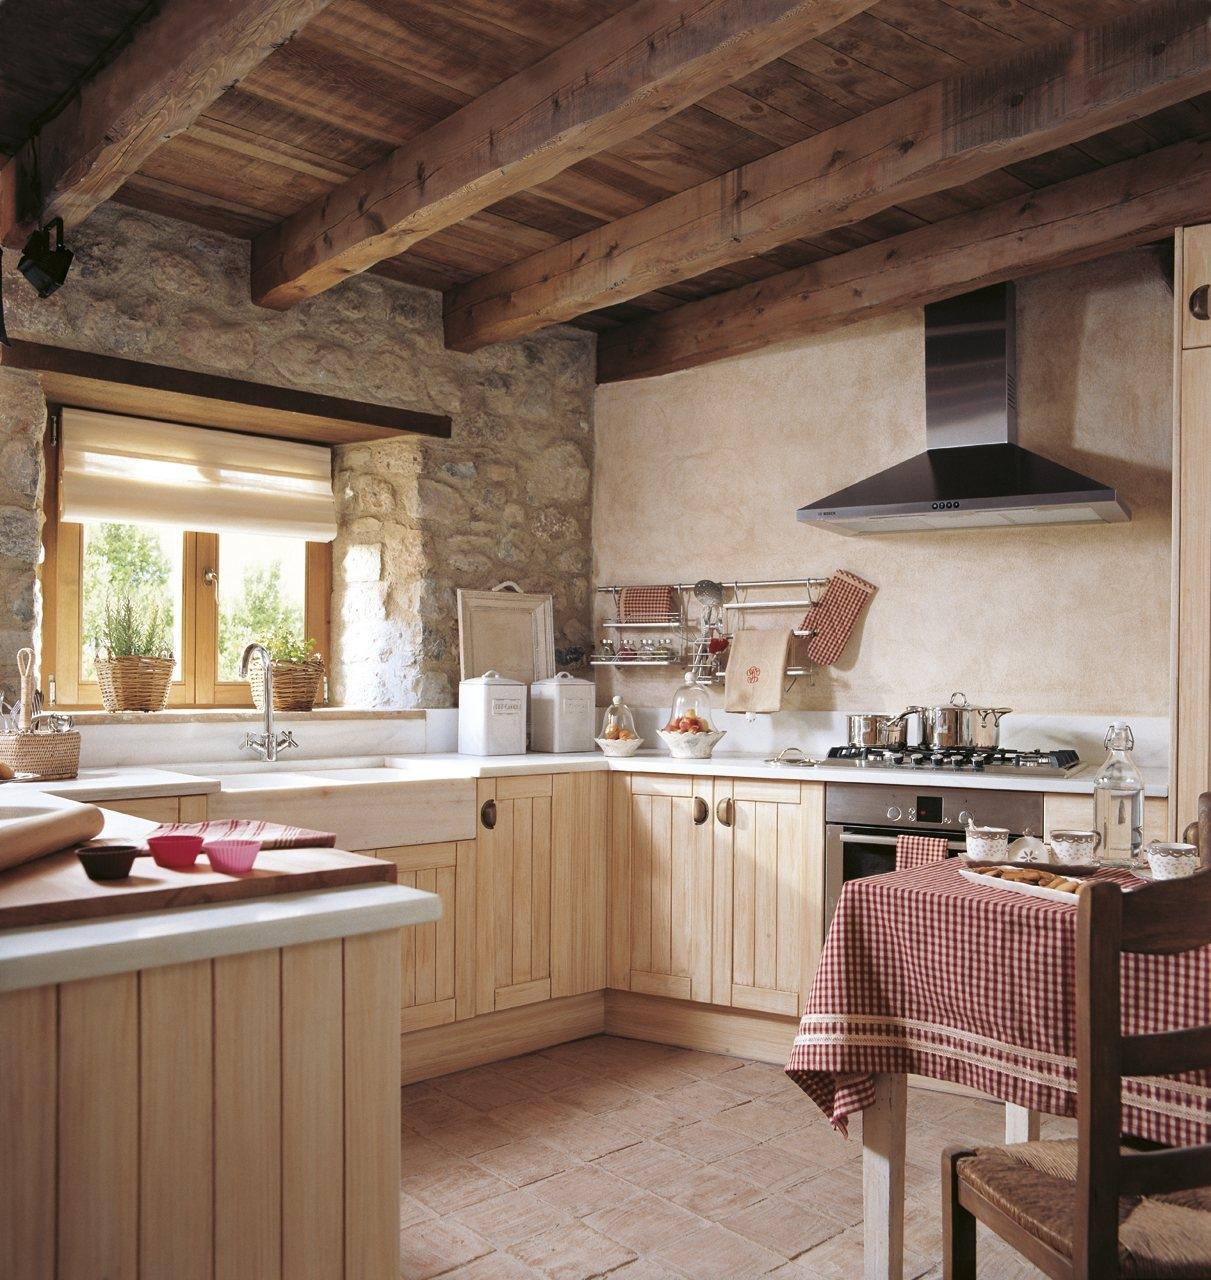 Cocinas rusticas modernas con techo madera pared de piedra for Techos para cocinas